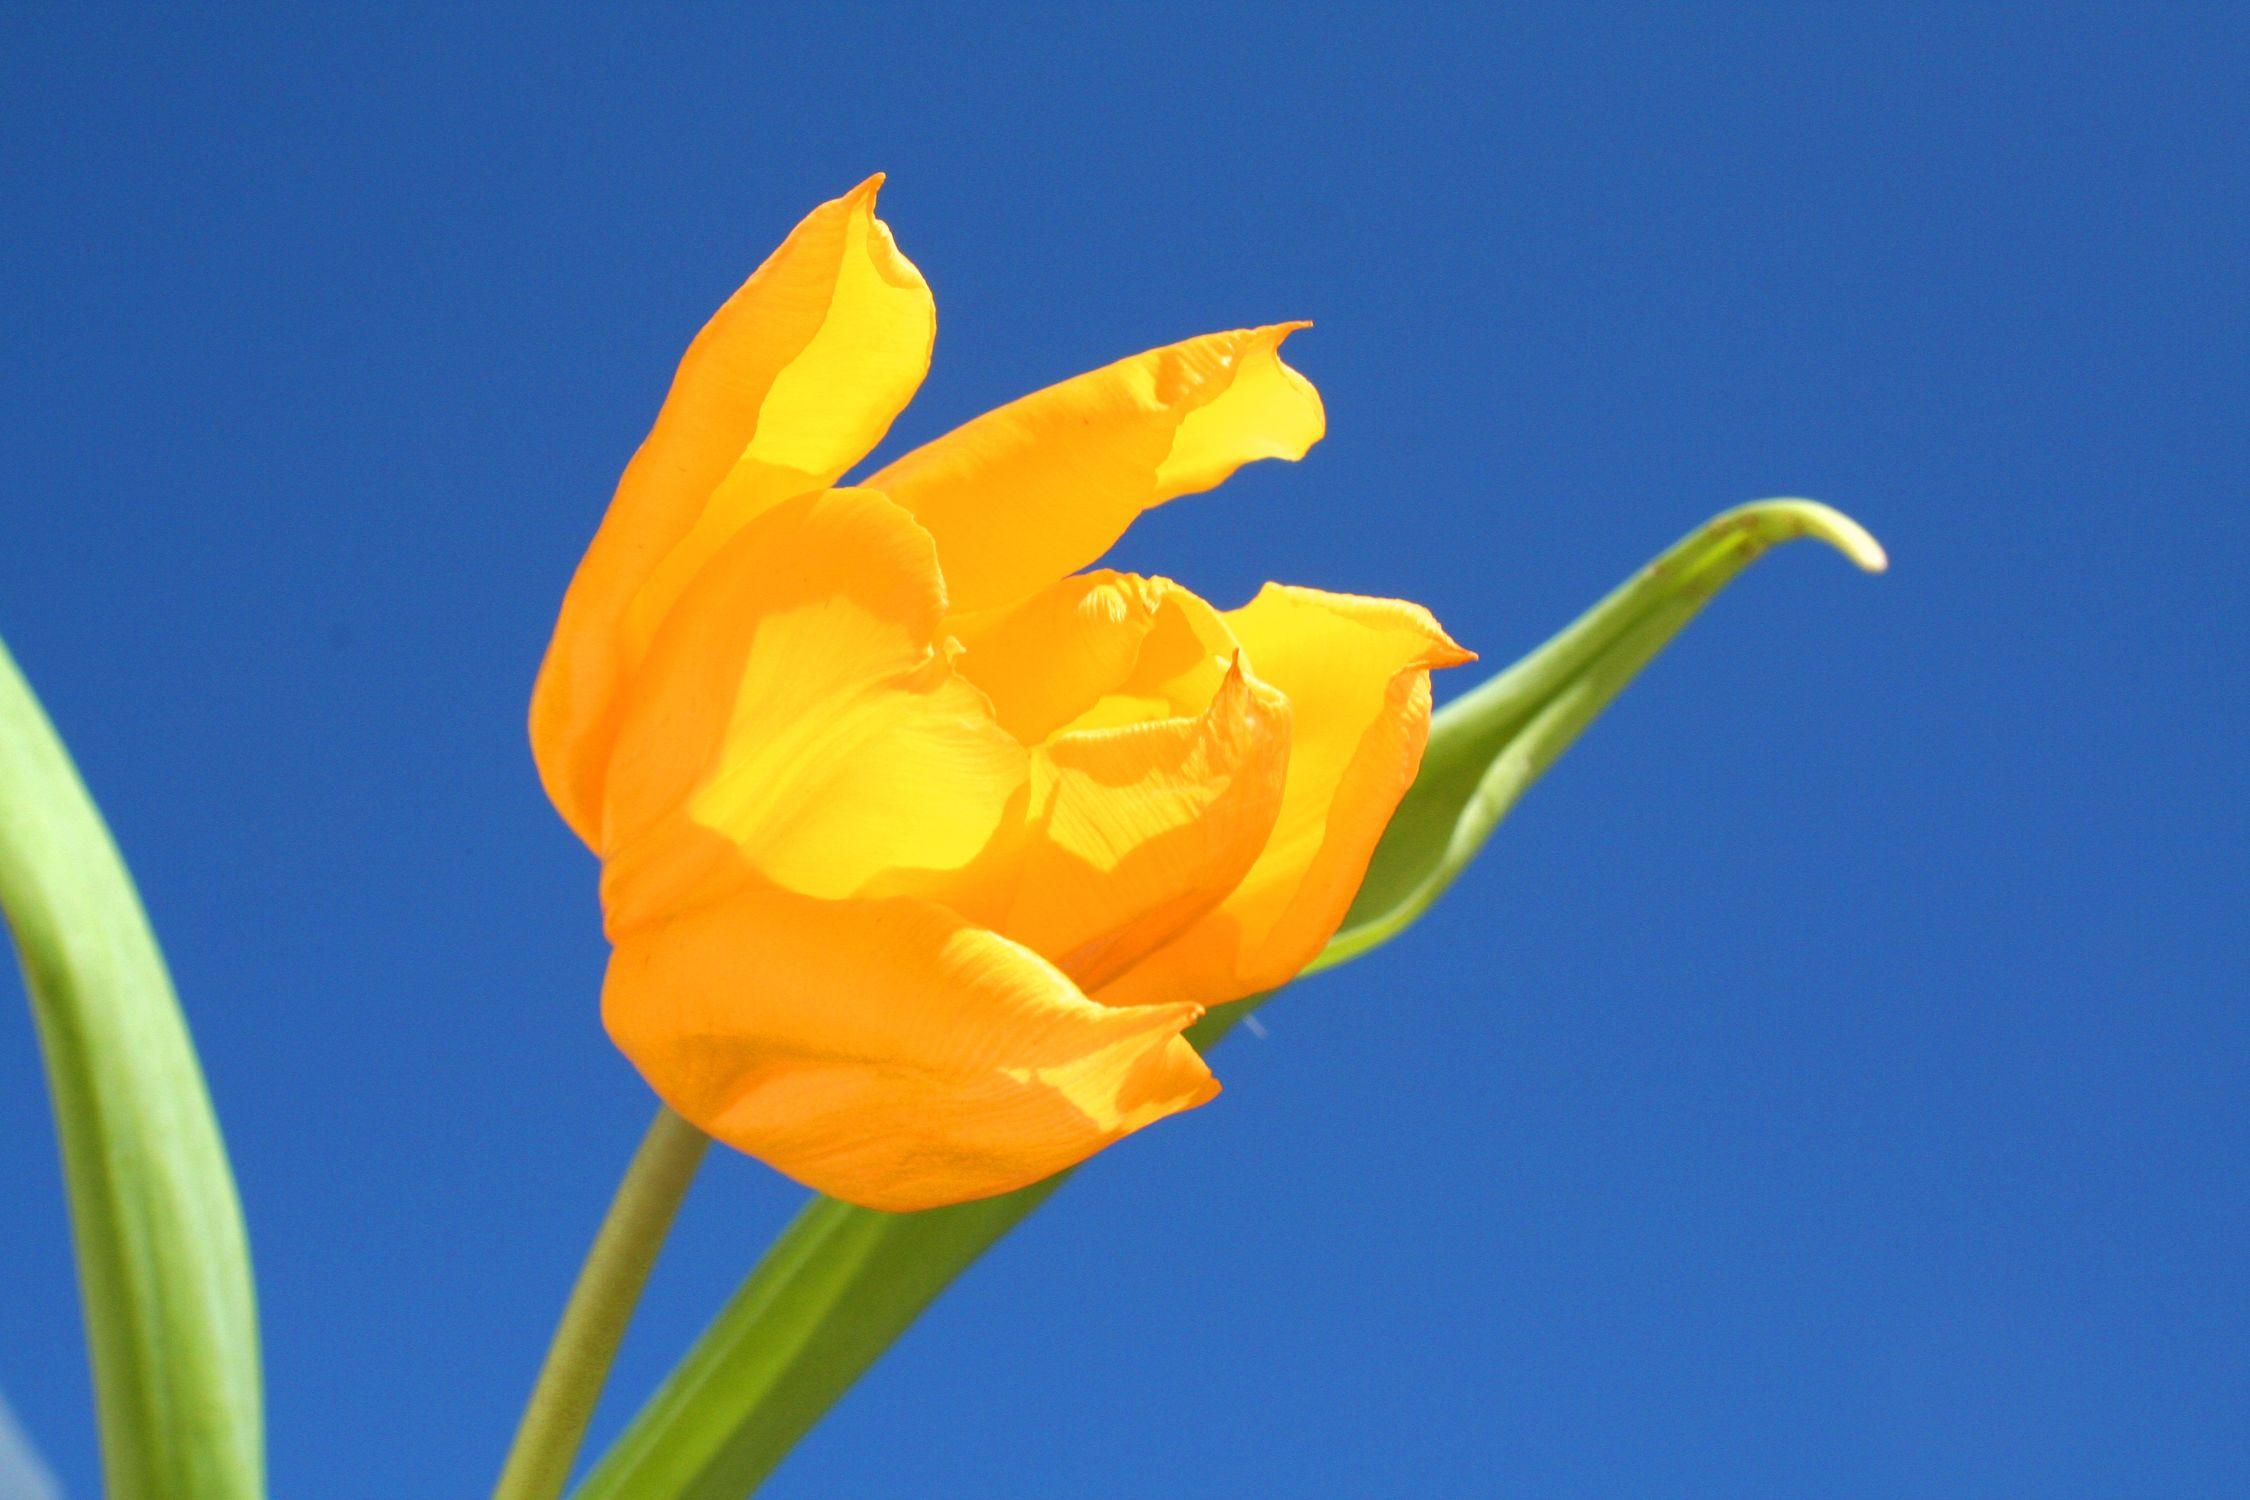 Bild mit Farben, Gelb, Gelb, Natur, Pflanzen, Blumen, Tulpe, Tulips, Tulpen, gelbe Tulpe, Tulipa, Flower, Flowers, Tulip, Blume, Blumen, Pflanze, gelbe Tulpen, yellow tulip, yellow tulips, yellow